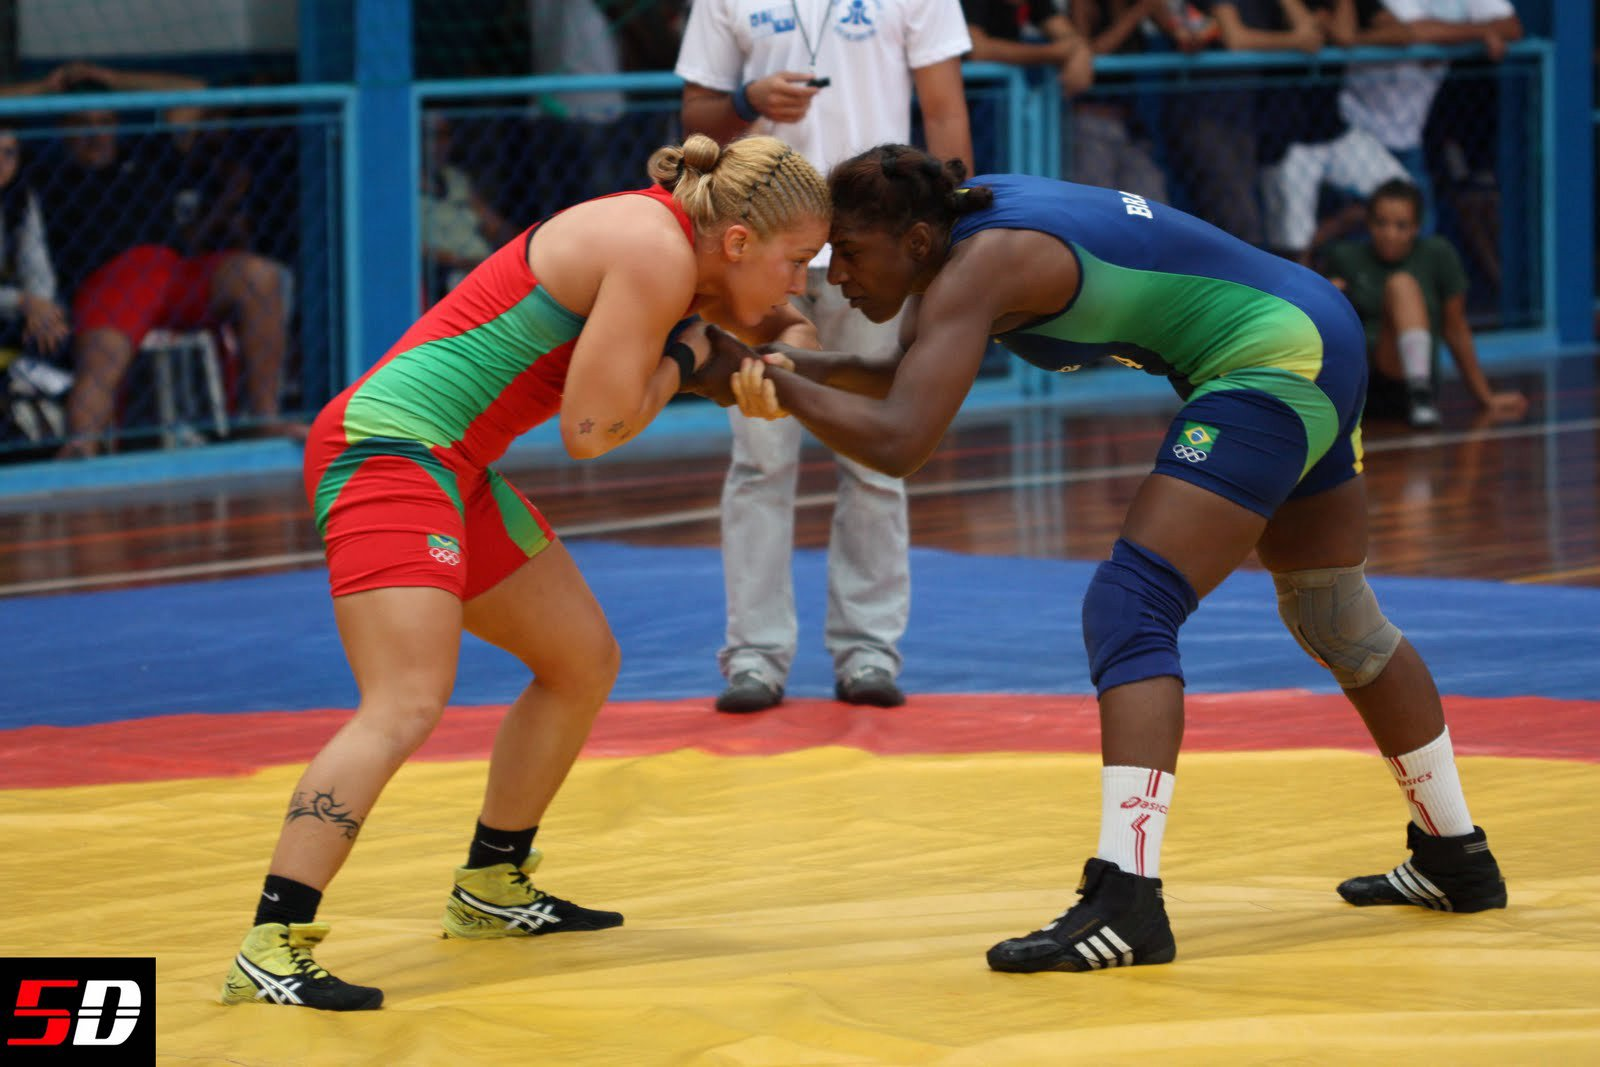 wrestlingbrazil.jpg